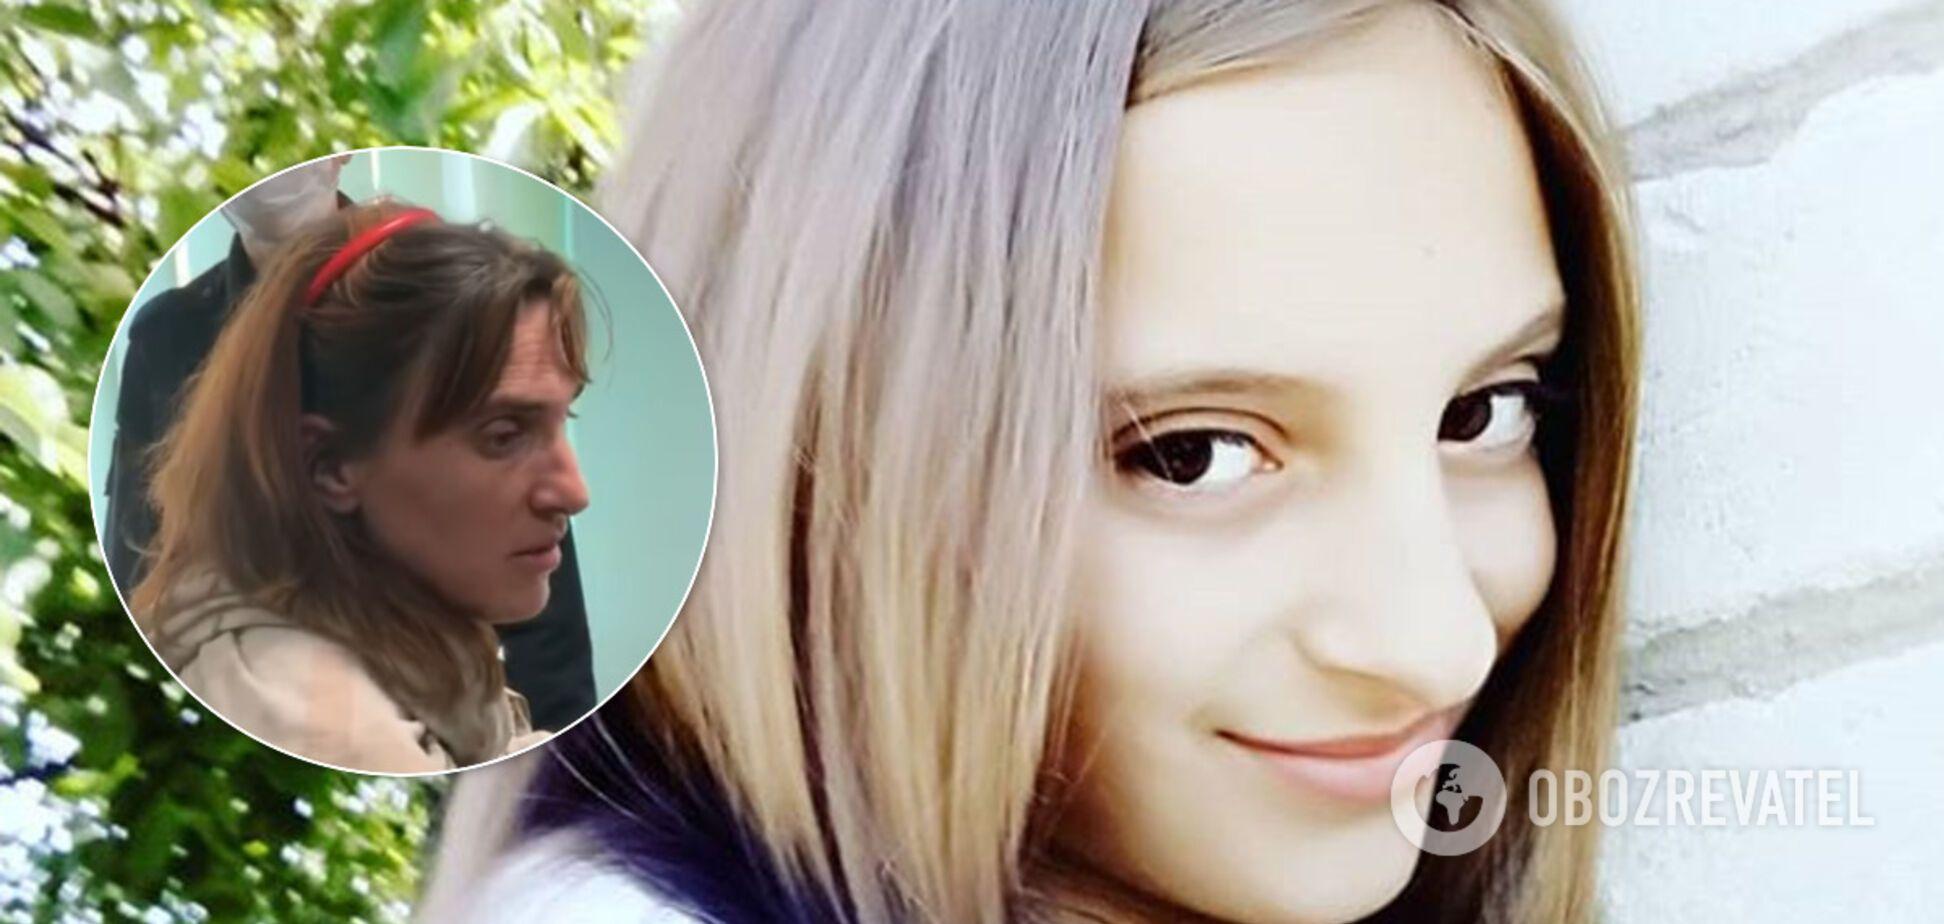 Обезголовила рідна мати: стало відомо, як виглядала дівчинка, по-звірячому вбита на Харківщині. Фото